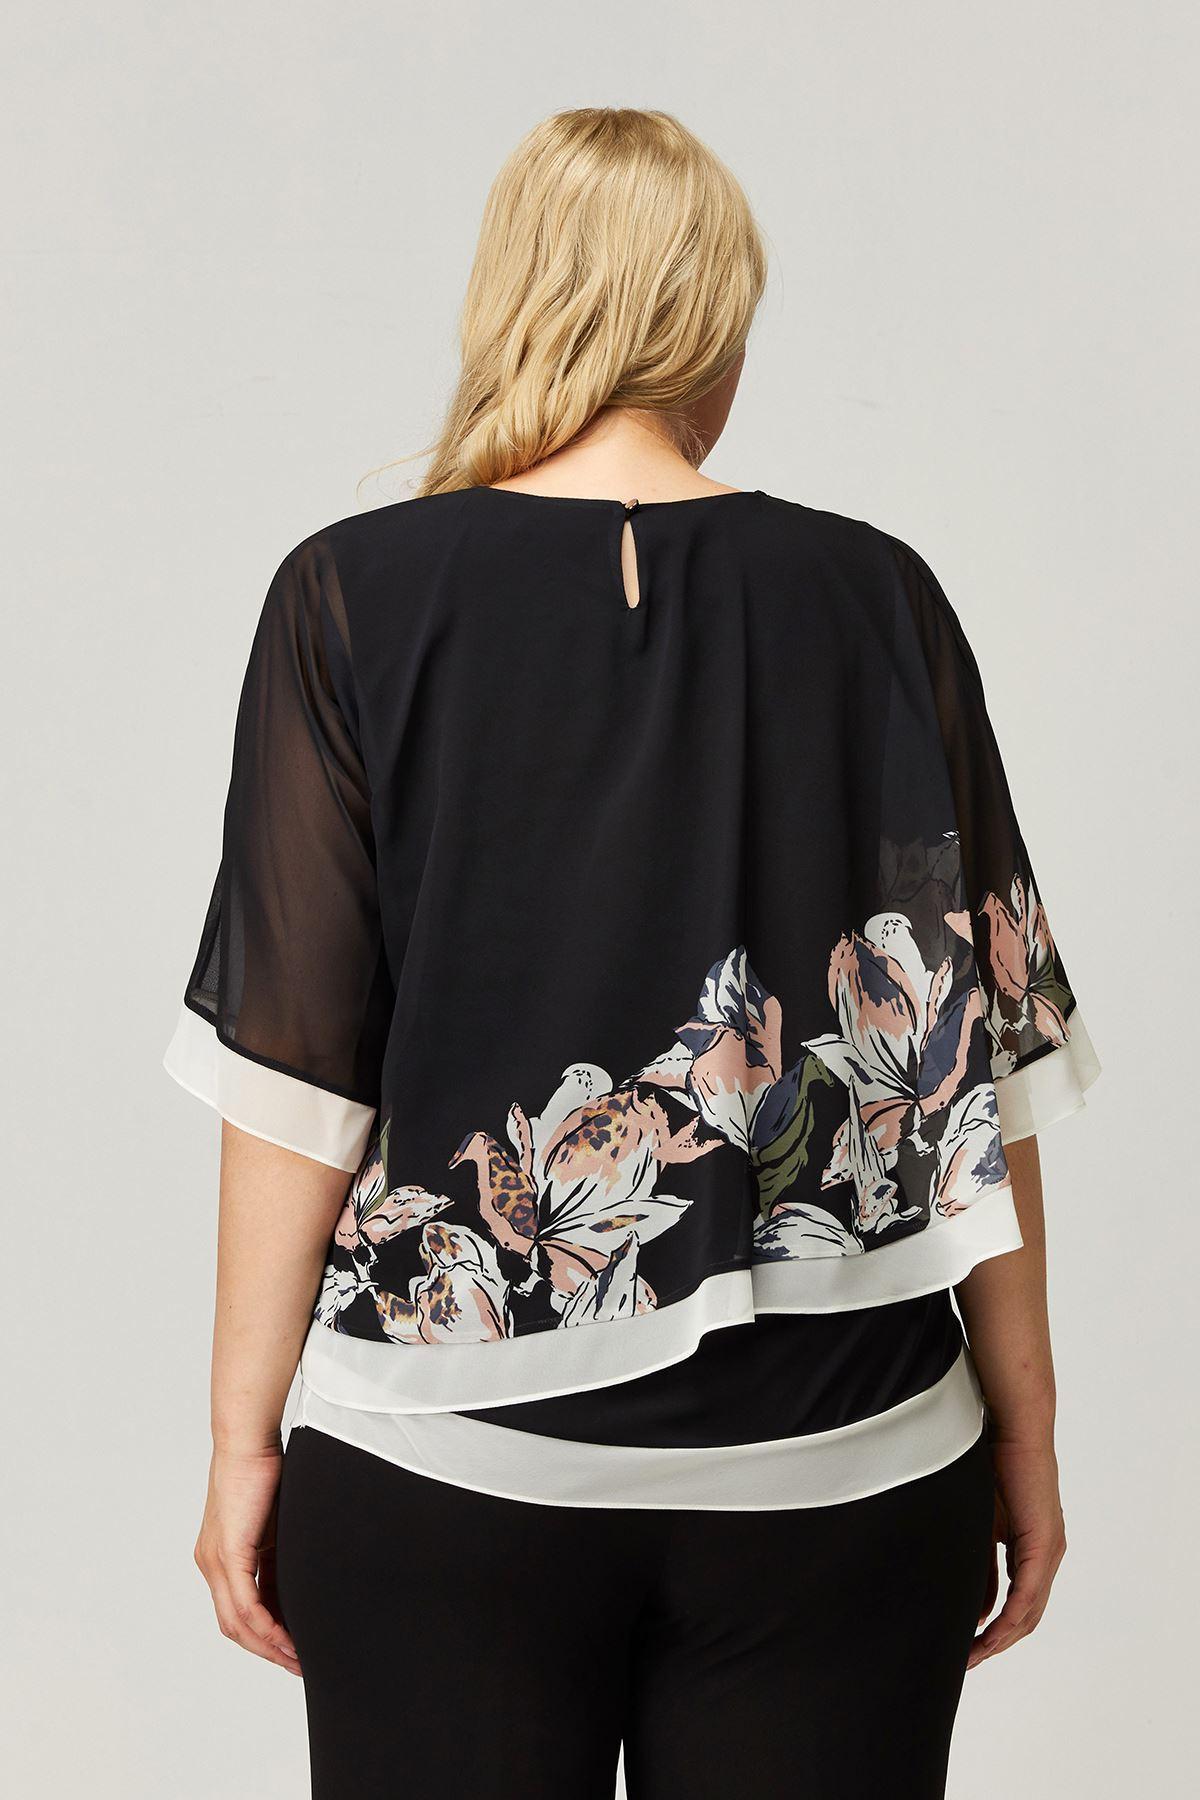 Kadın Siyah Büyük Beden Bluz Çiçekli